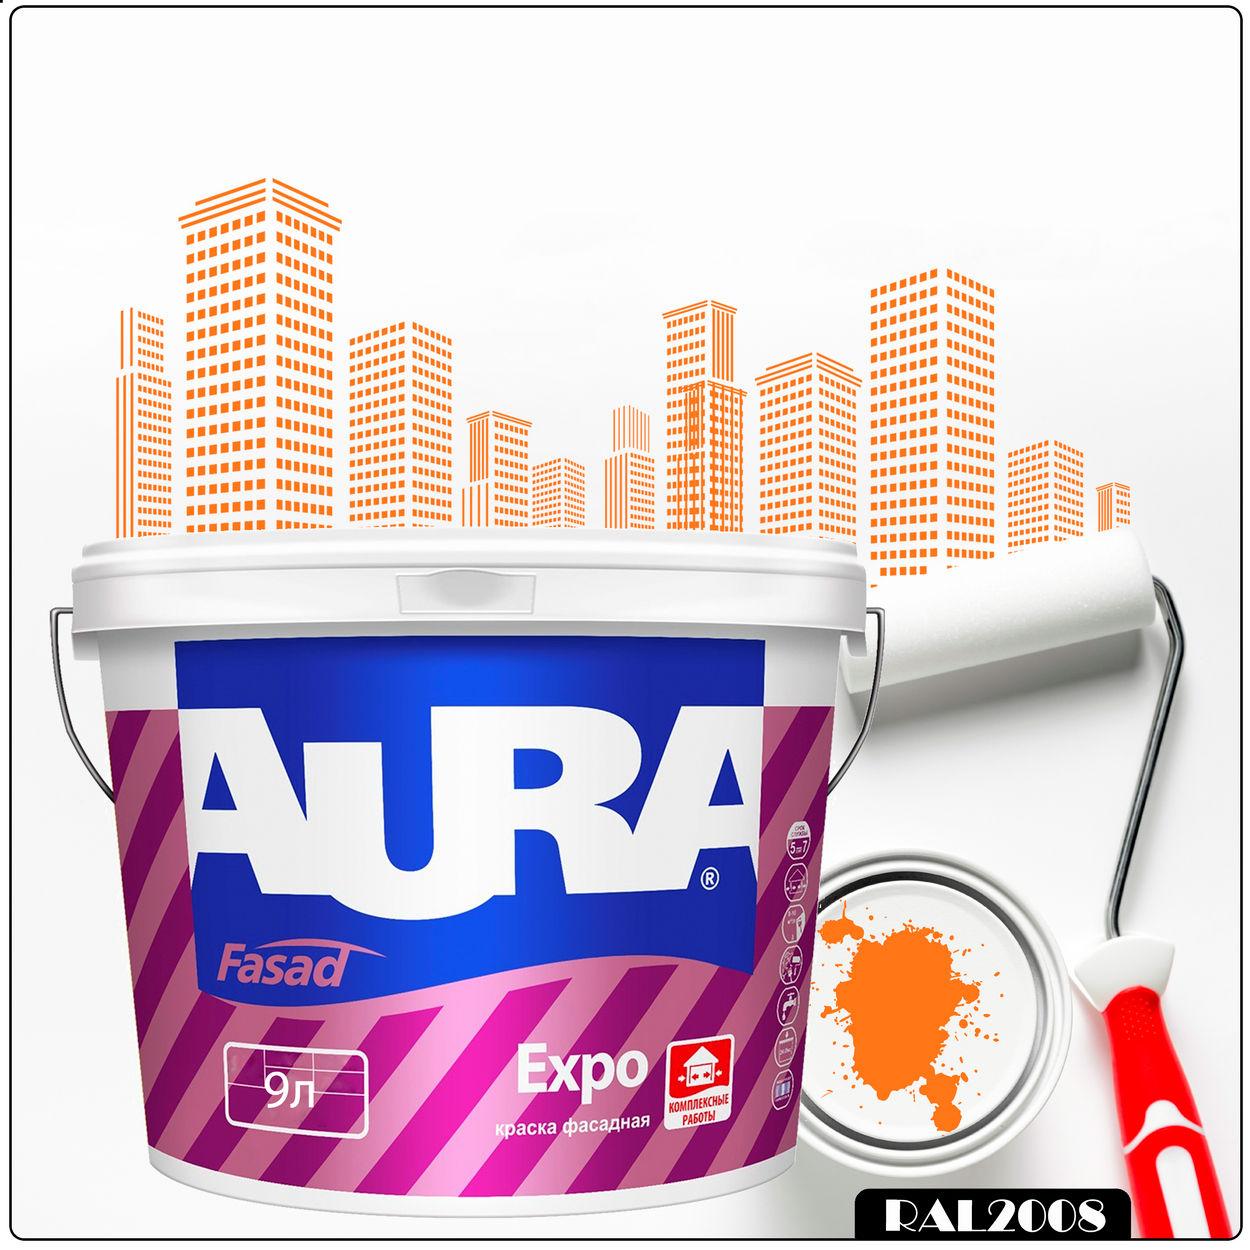 Фото 6 - Краска Aura Fasad Expo, RAL 2008 Ярко-красный-оранжевый, матовая, для фасадов и помещений с повышенной влажностью, 9л.